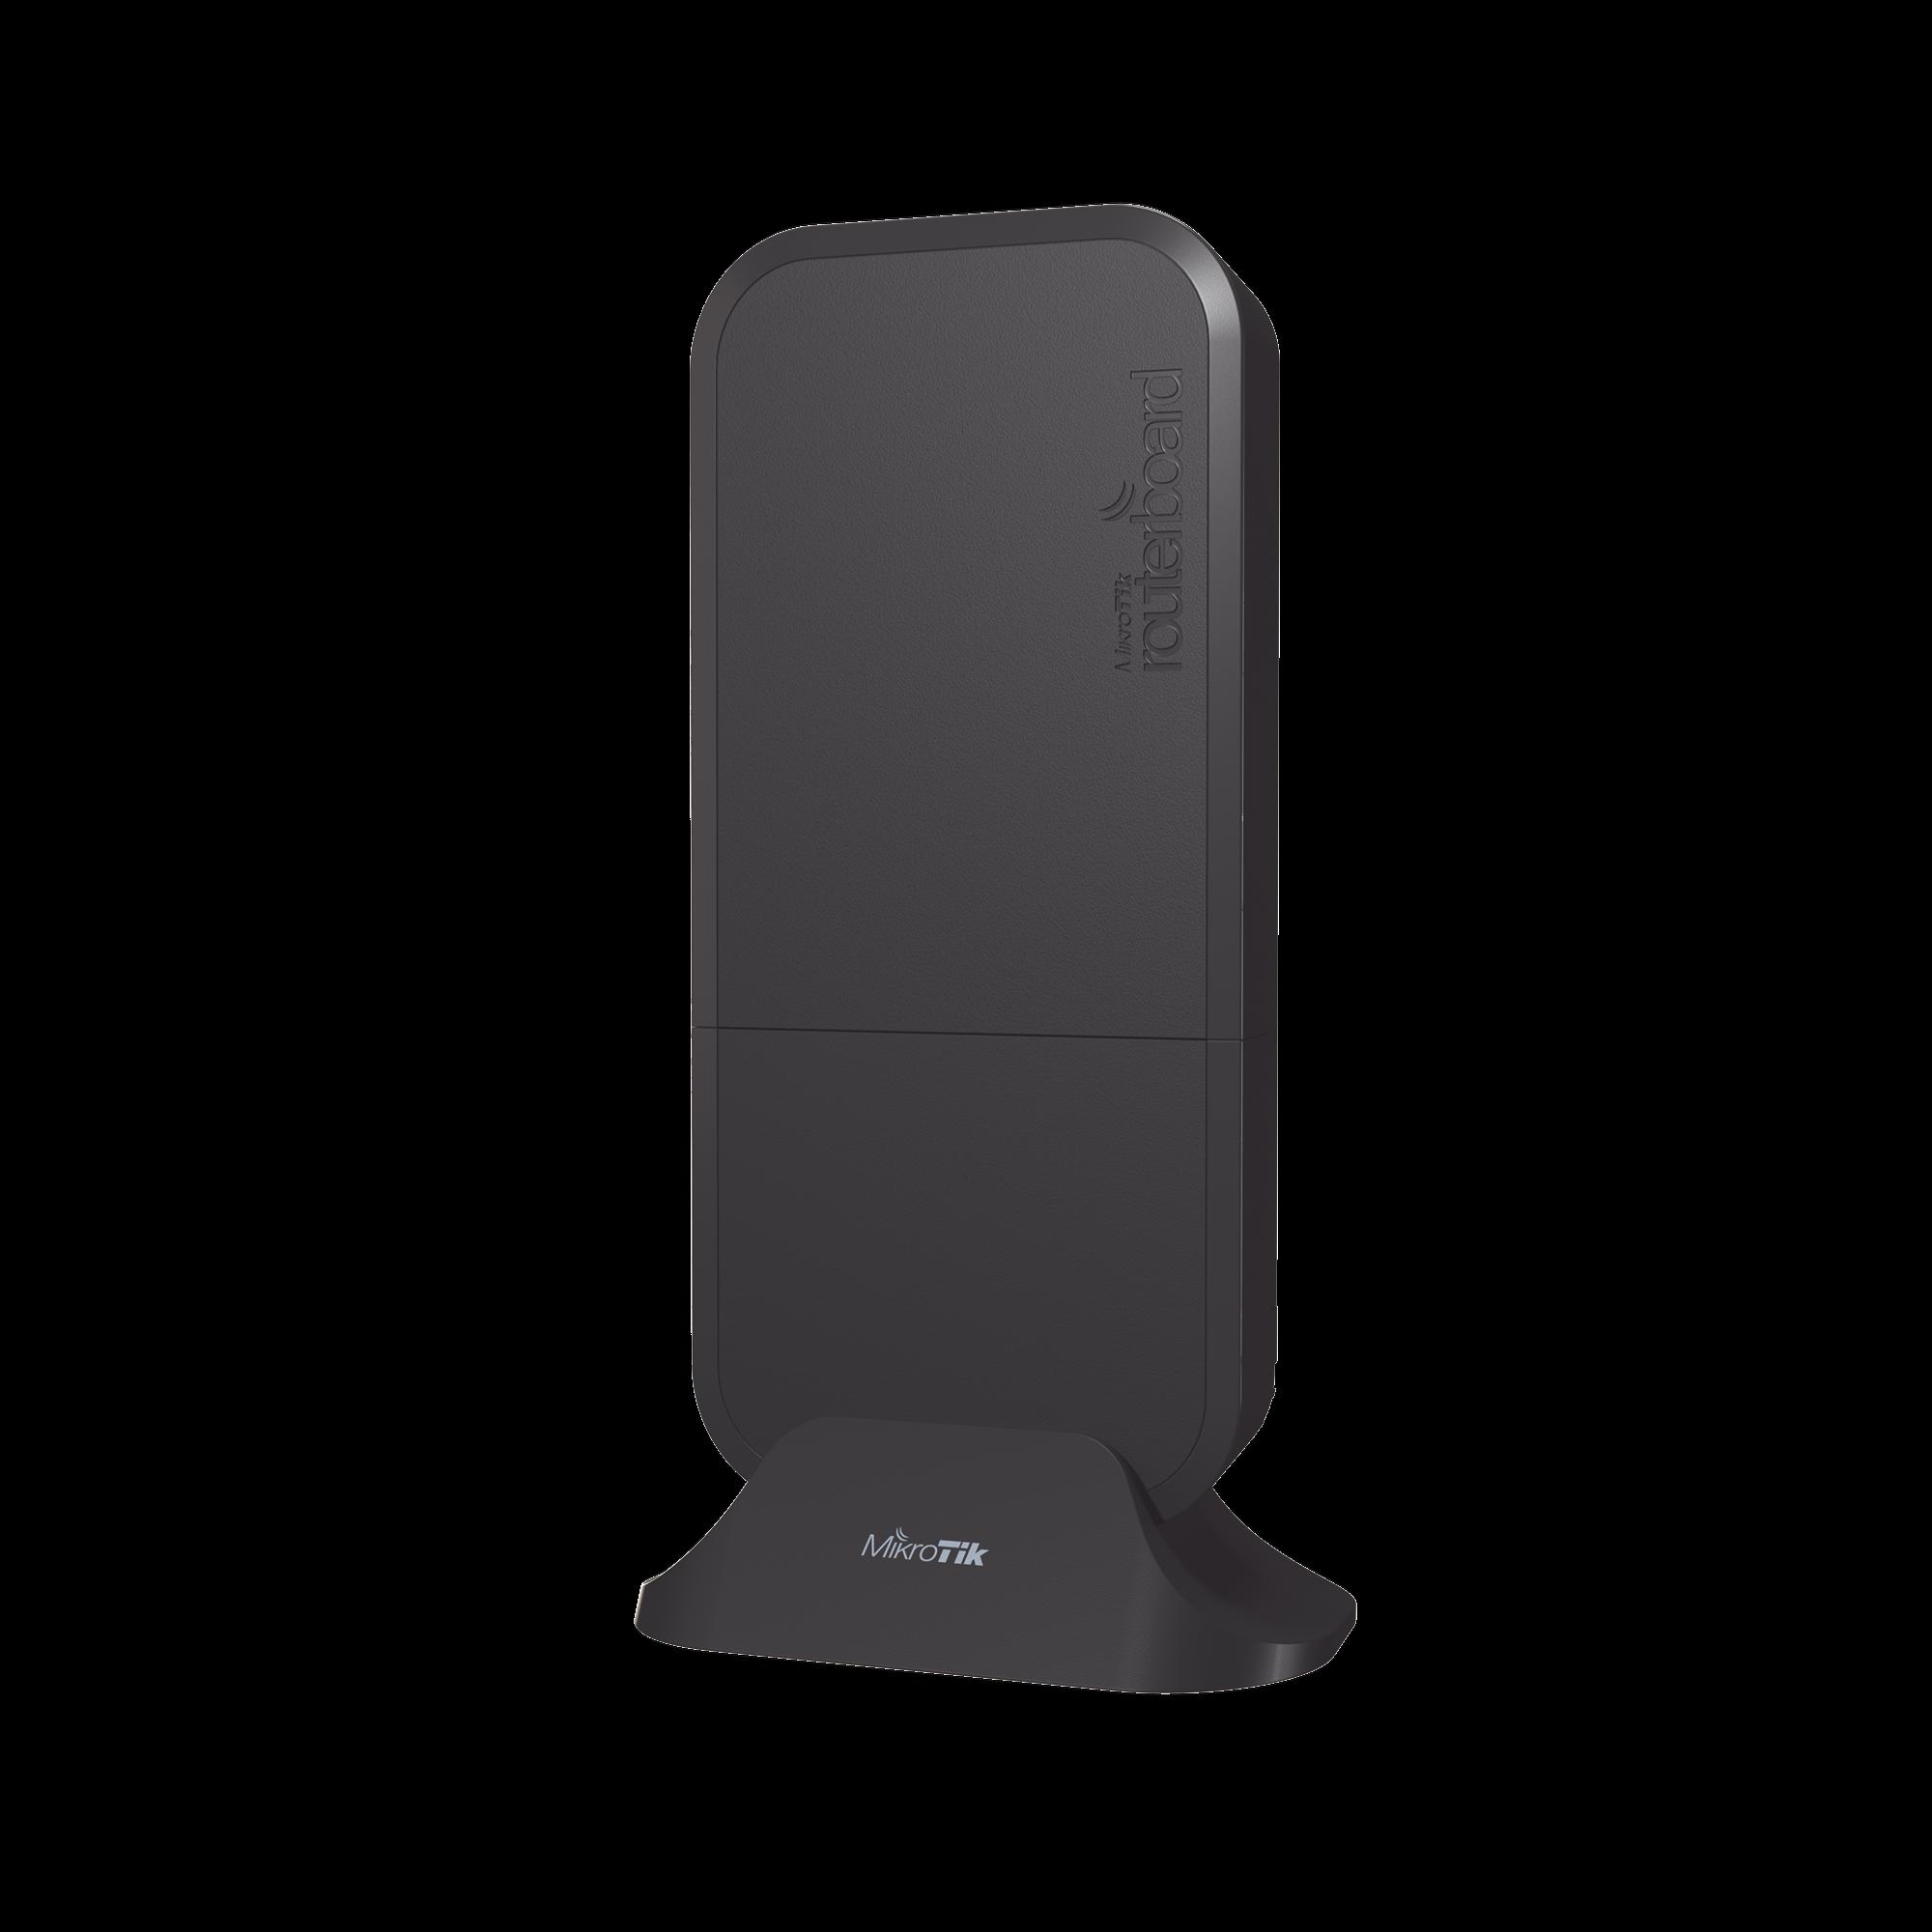 (wAP ac) Punto de Acceso Wi-Fi doble banda simultanea en 2.4 y 5 GHz, Dos puertos Gigabit